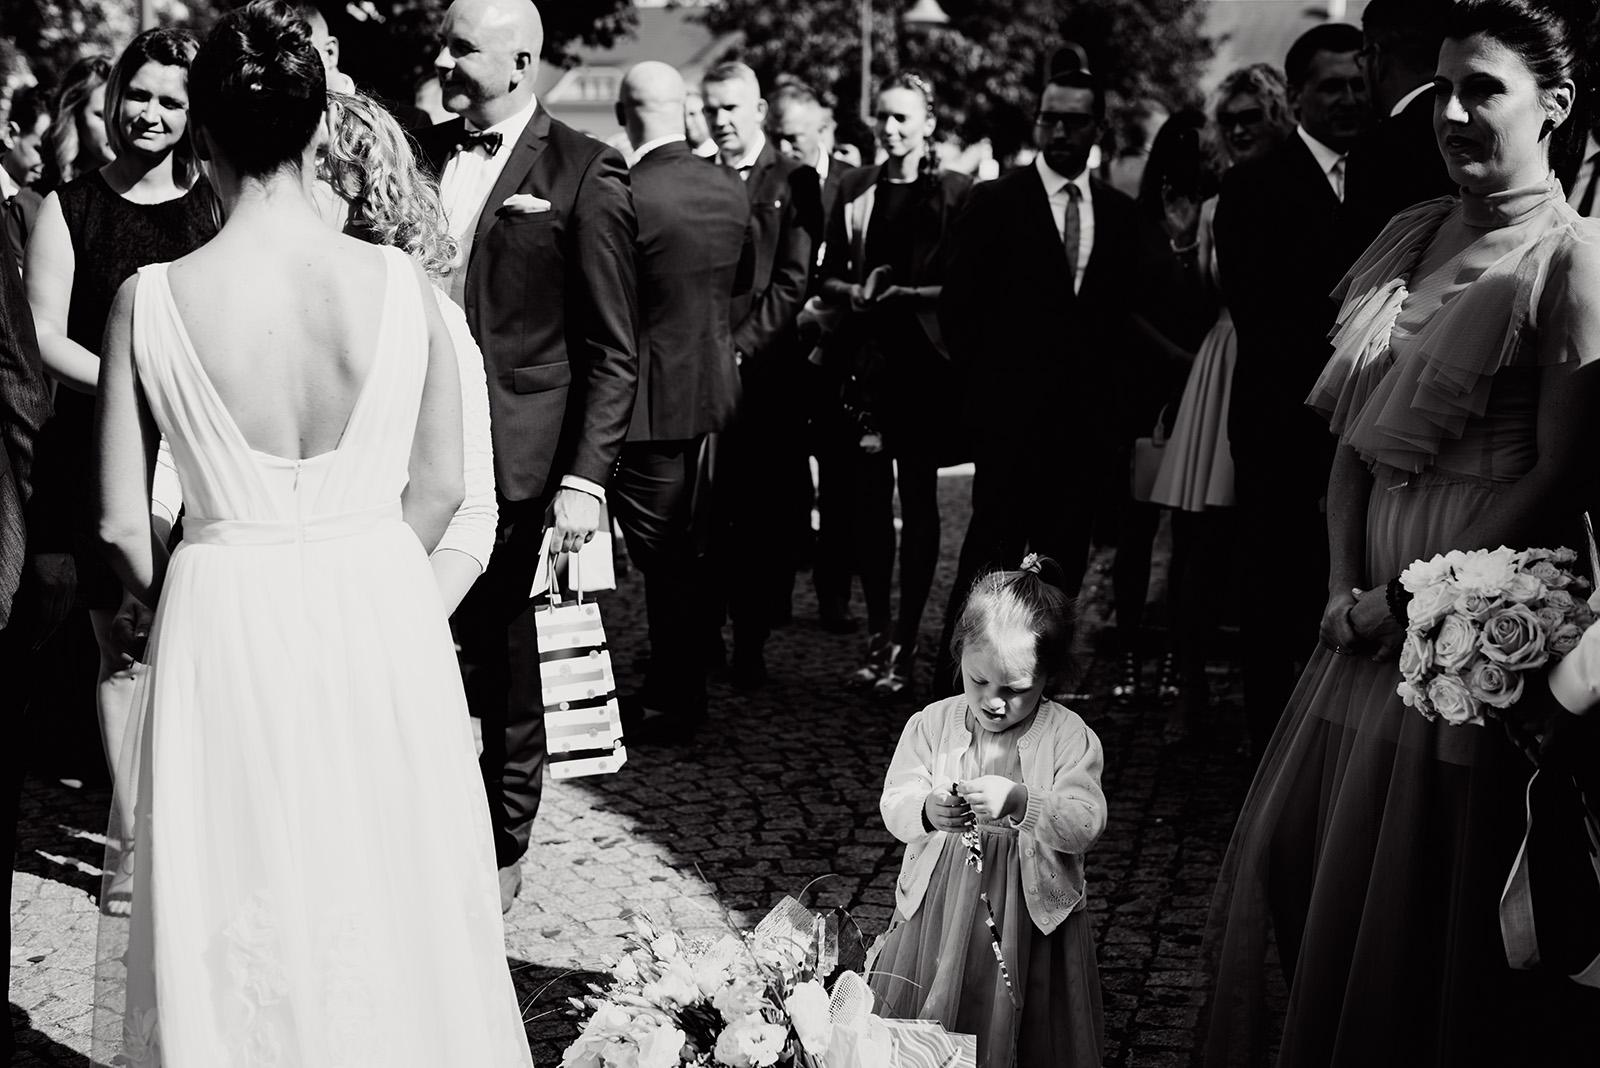 naturalna fotografia slubna - zyczenia gosci - wesele w krzyzowej - dzieci